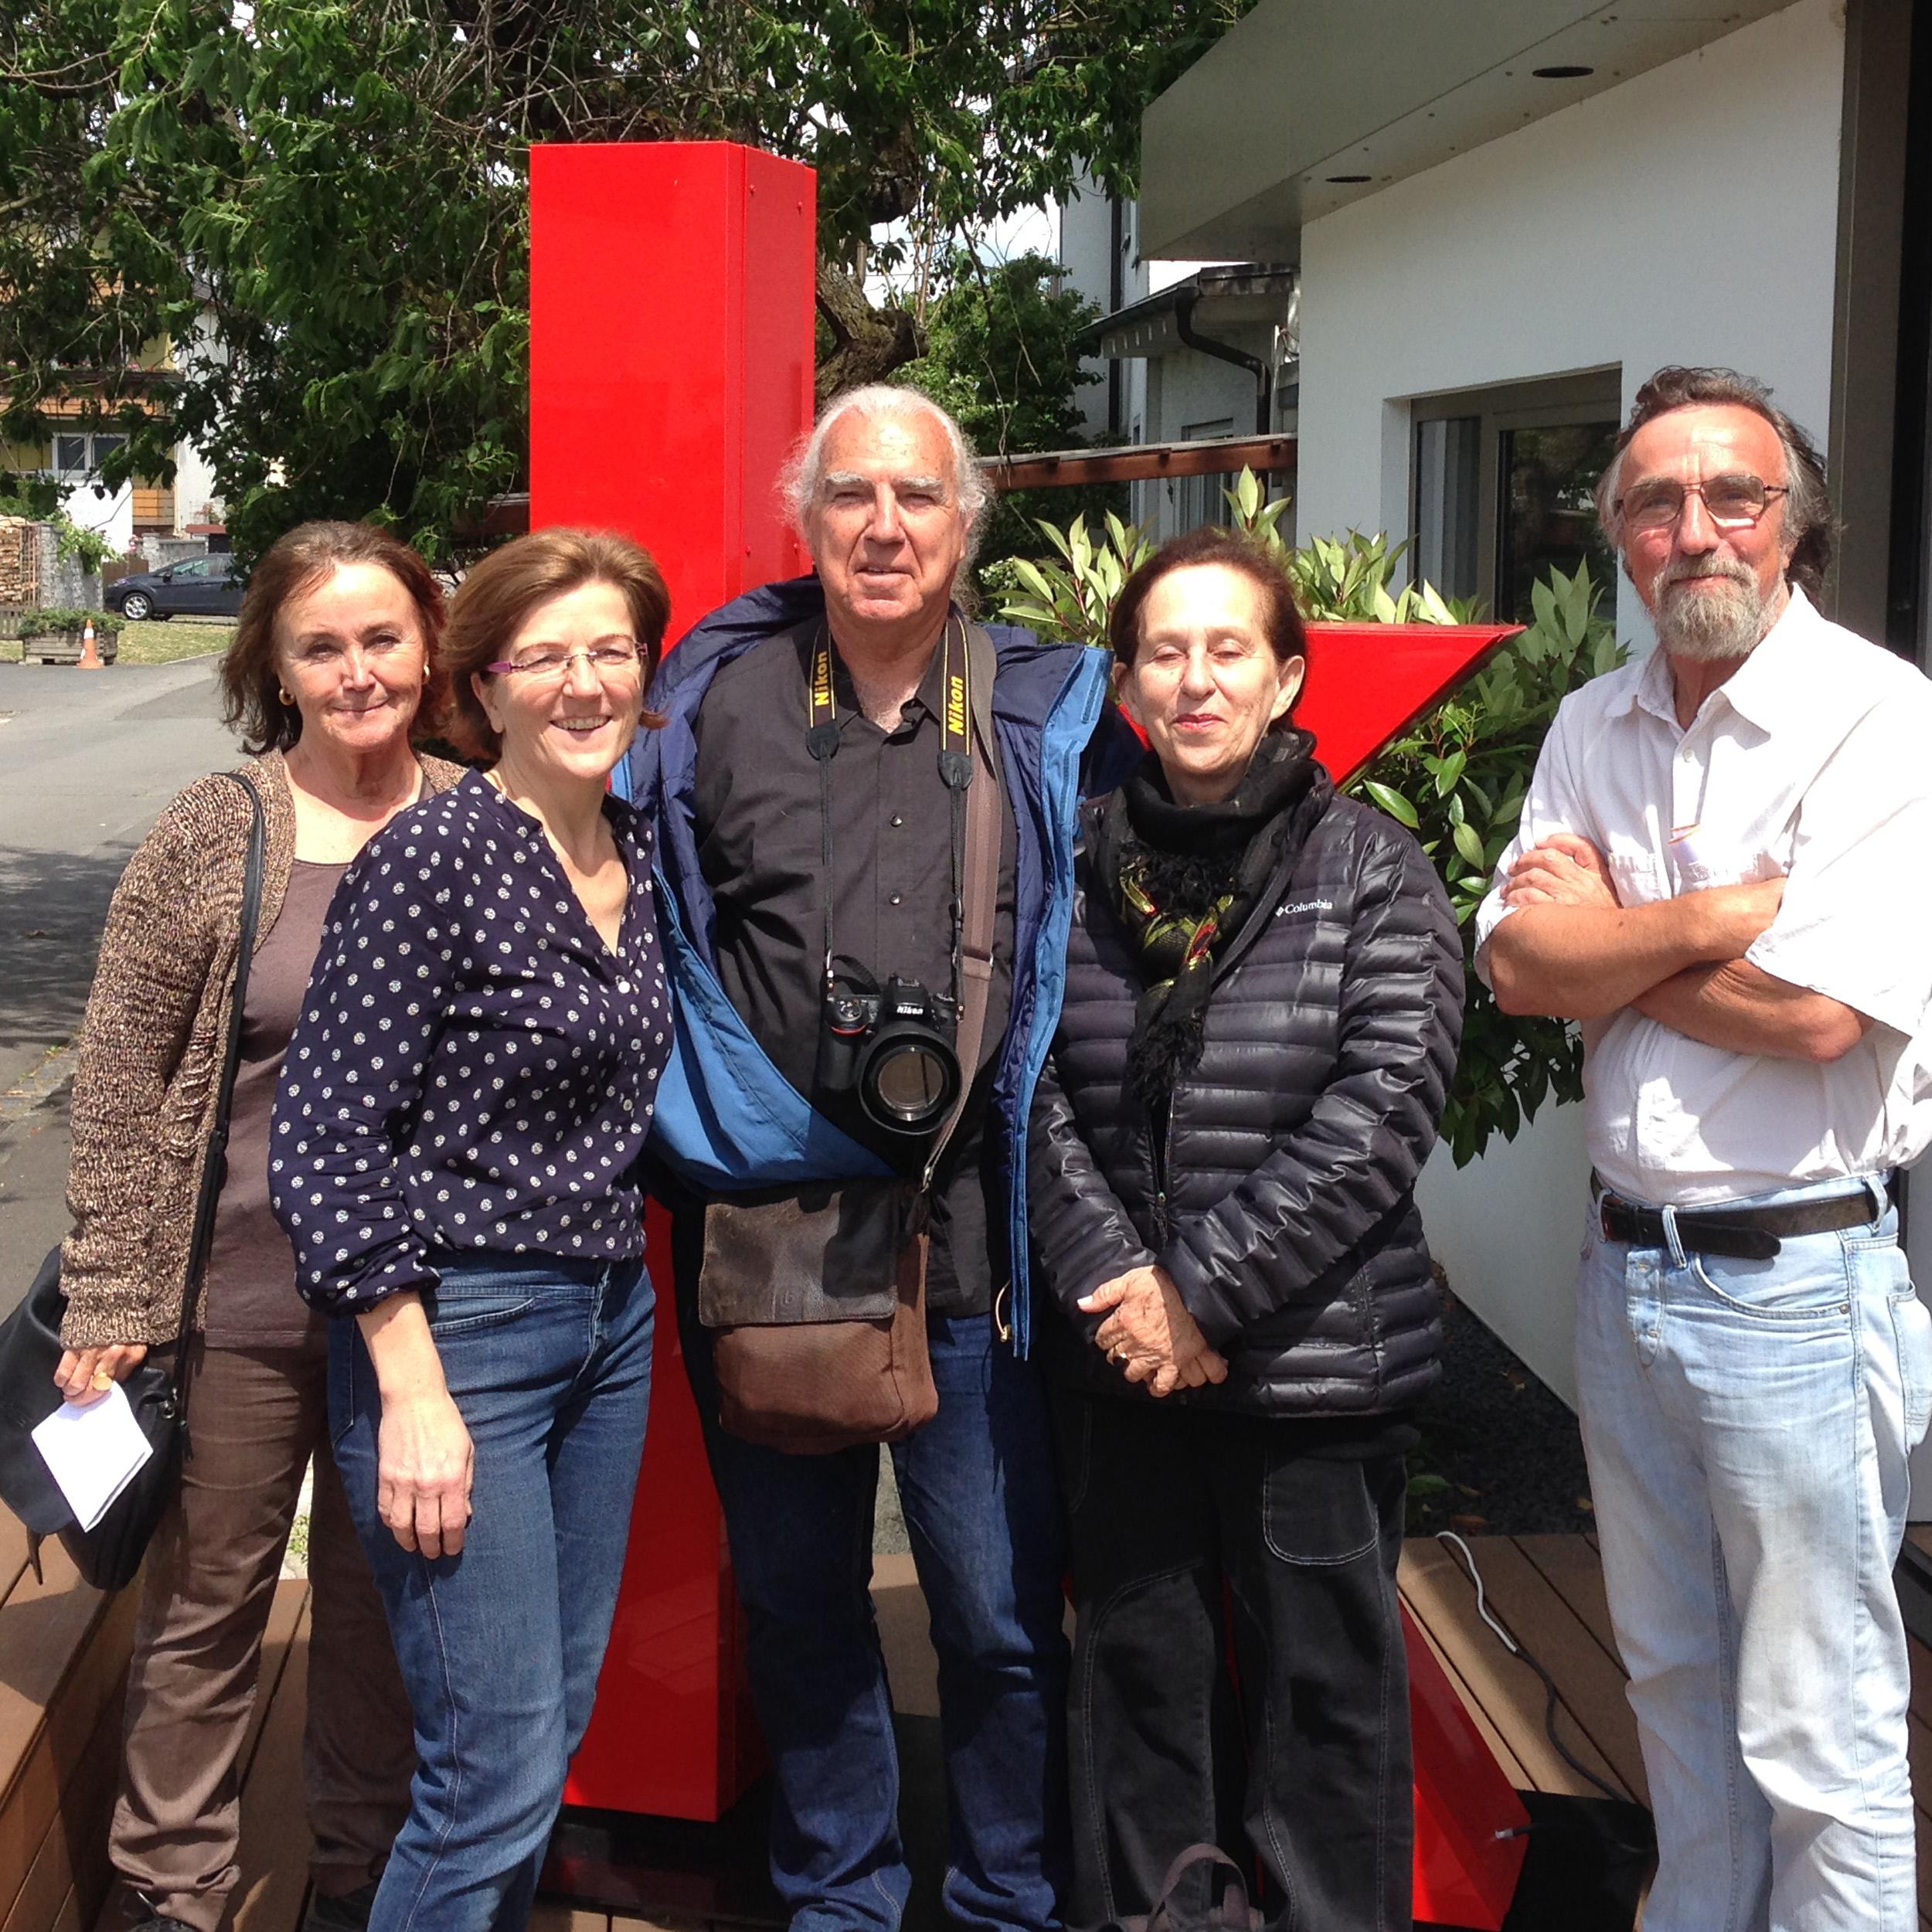 Gruppenfoto mit 5 Personen